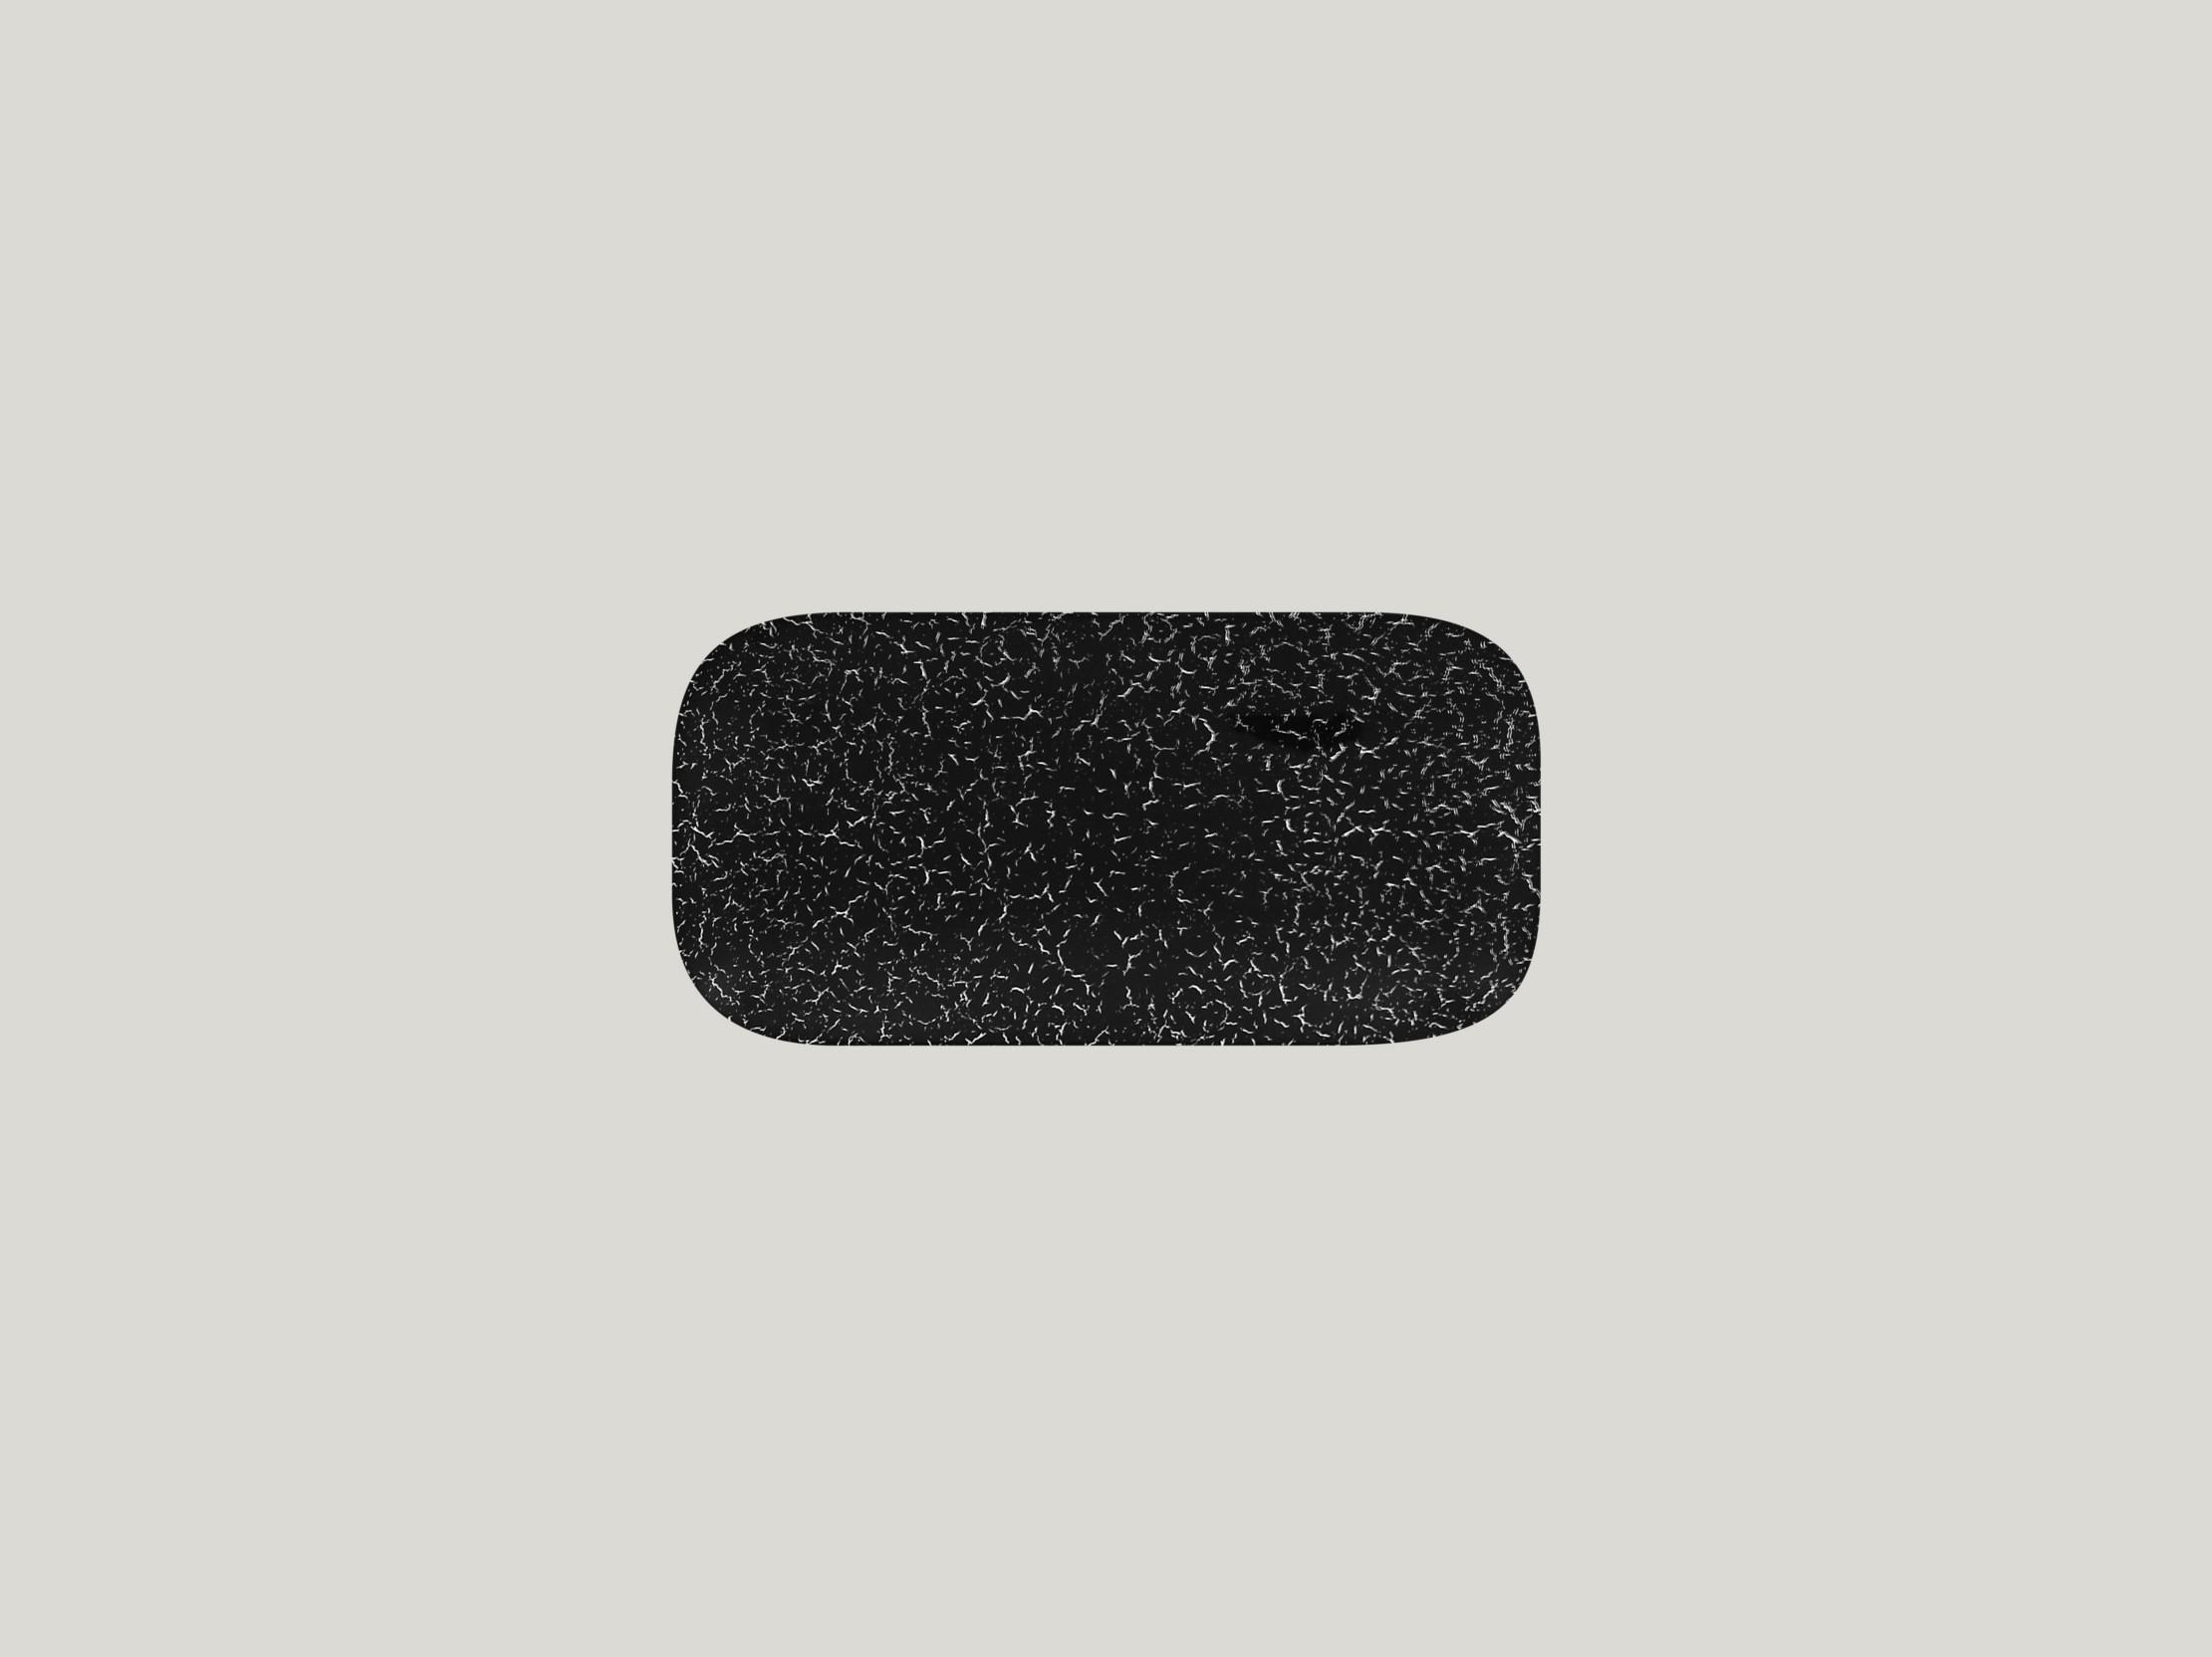 Talíř obdélníkový 22 x 11 cm - černá